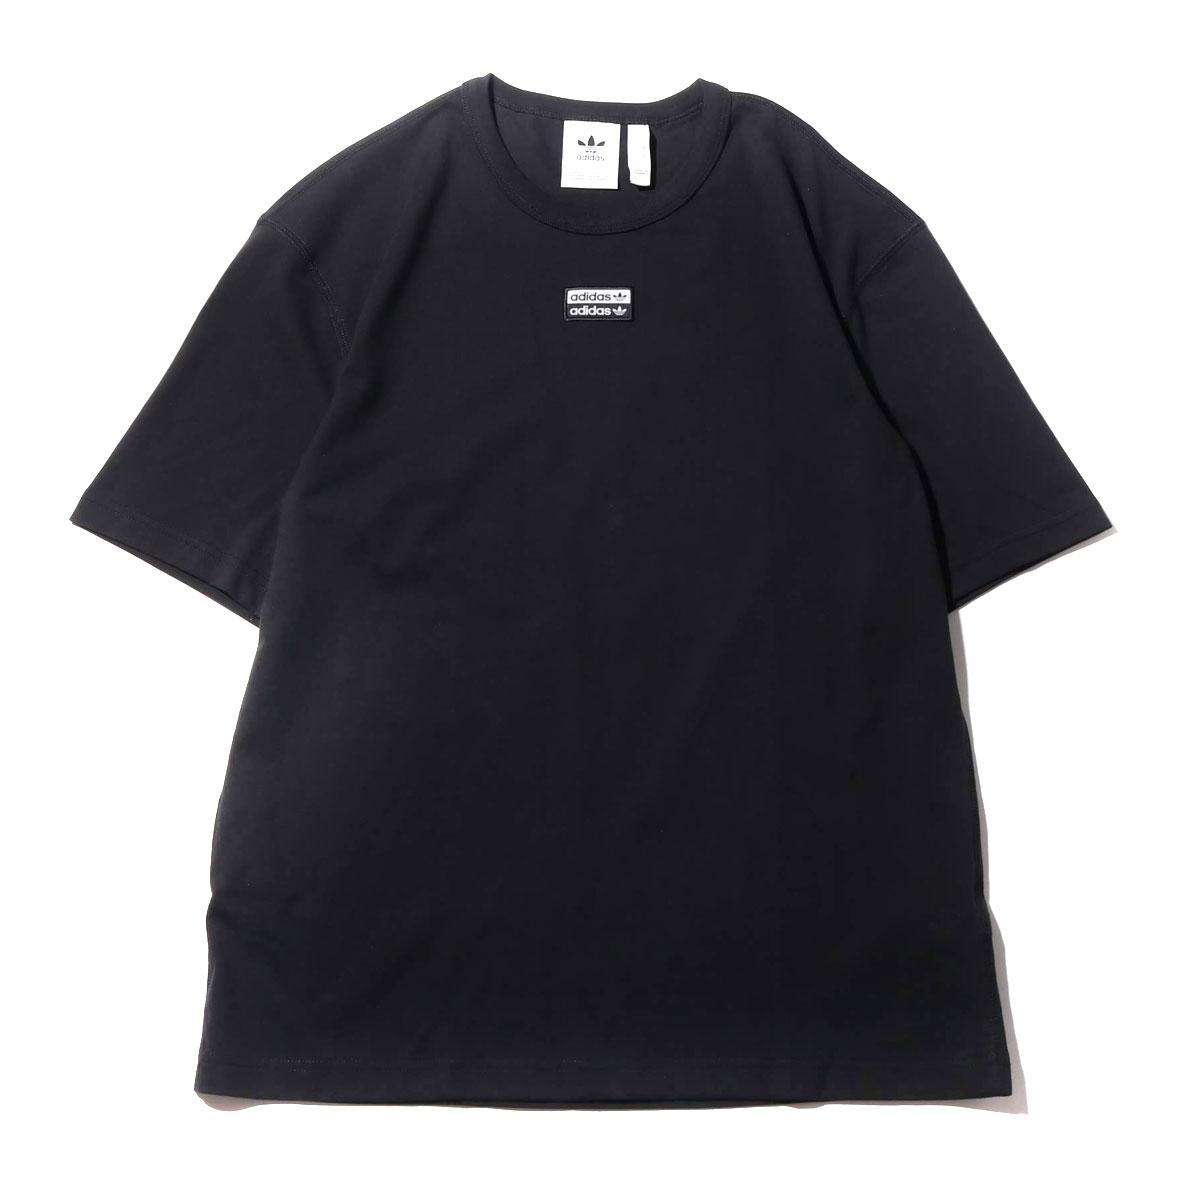 Adidas Originals Vocal T Shirt Black